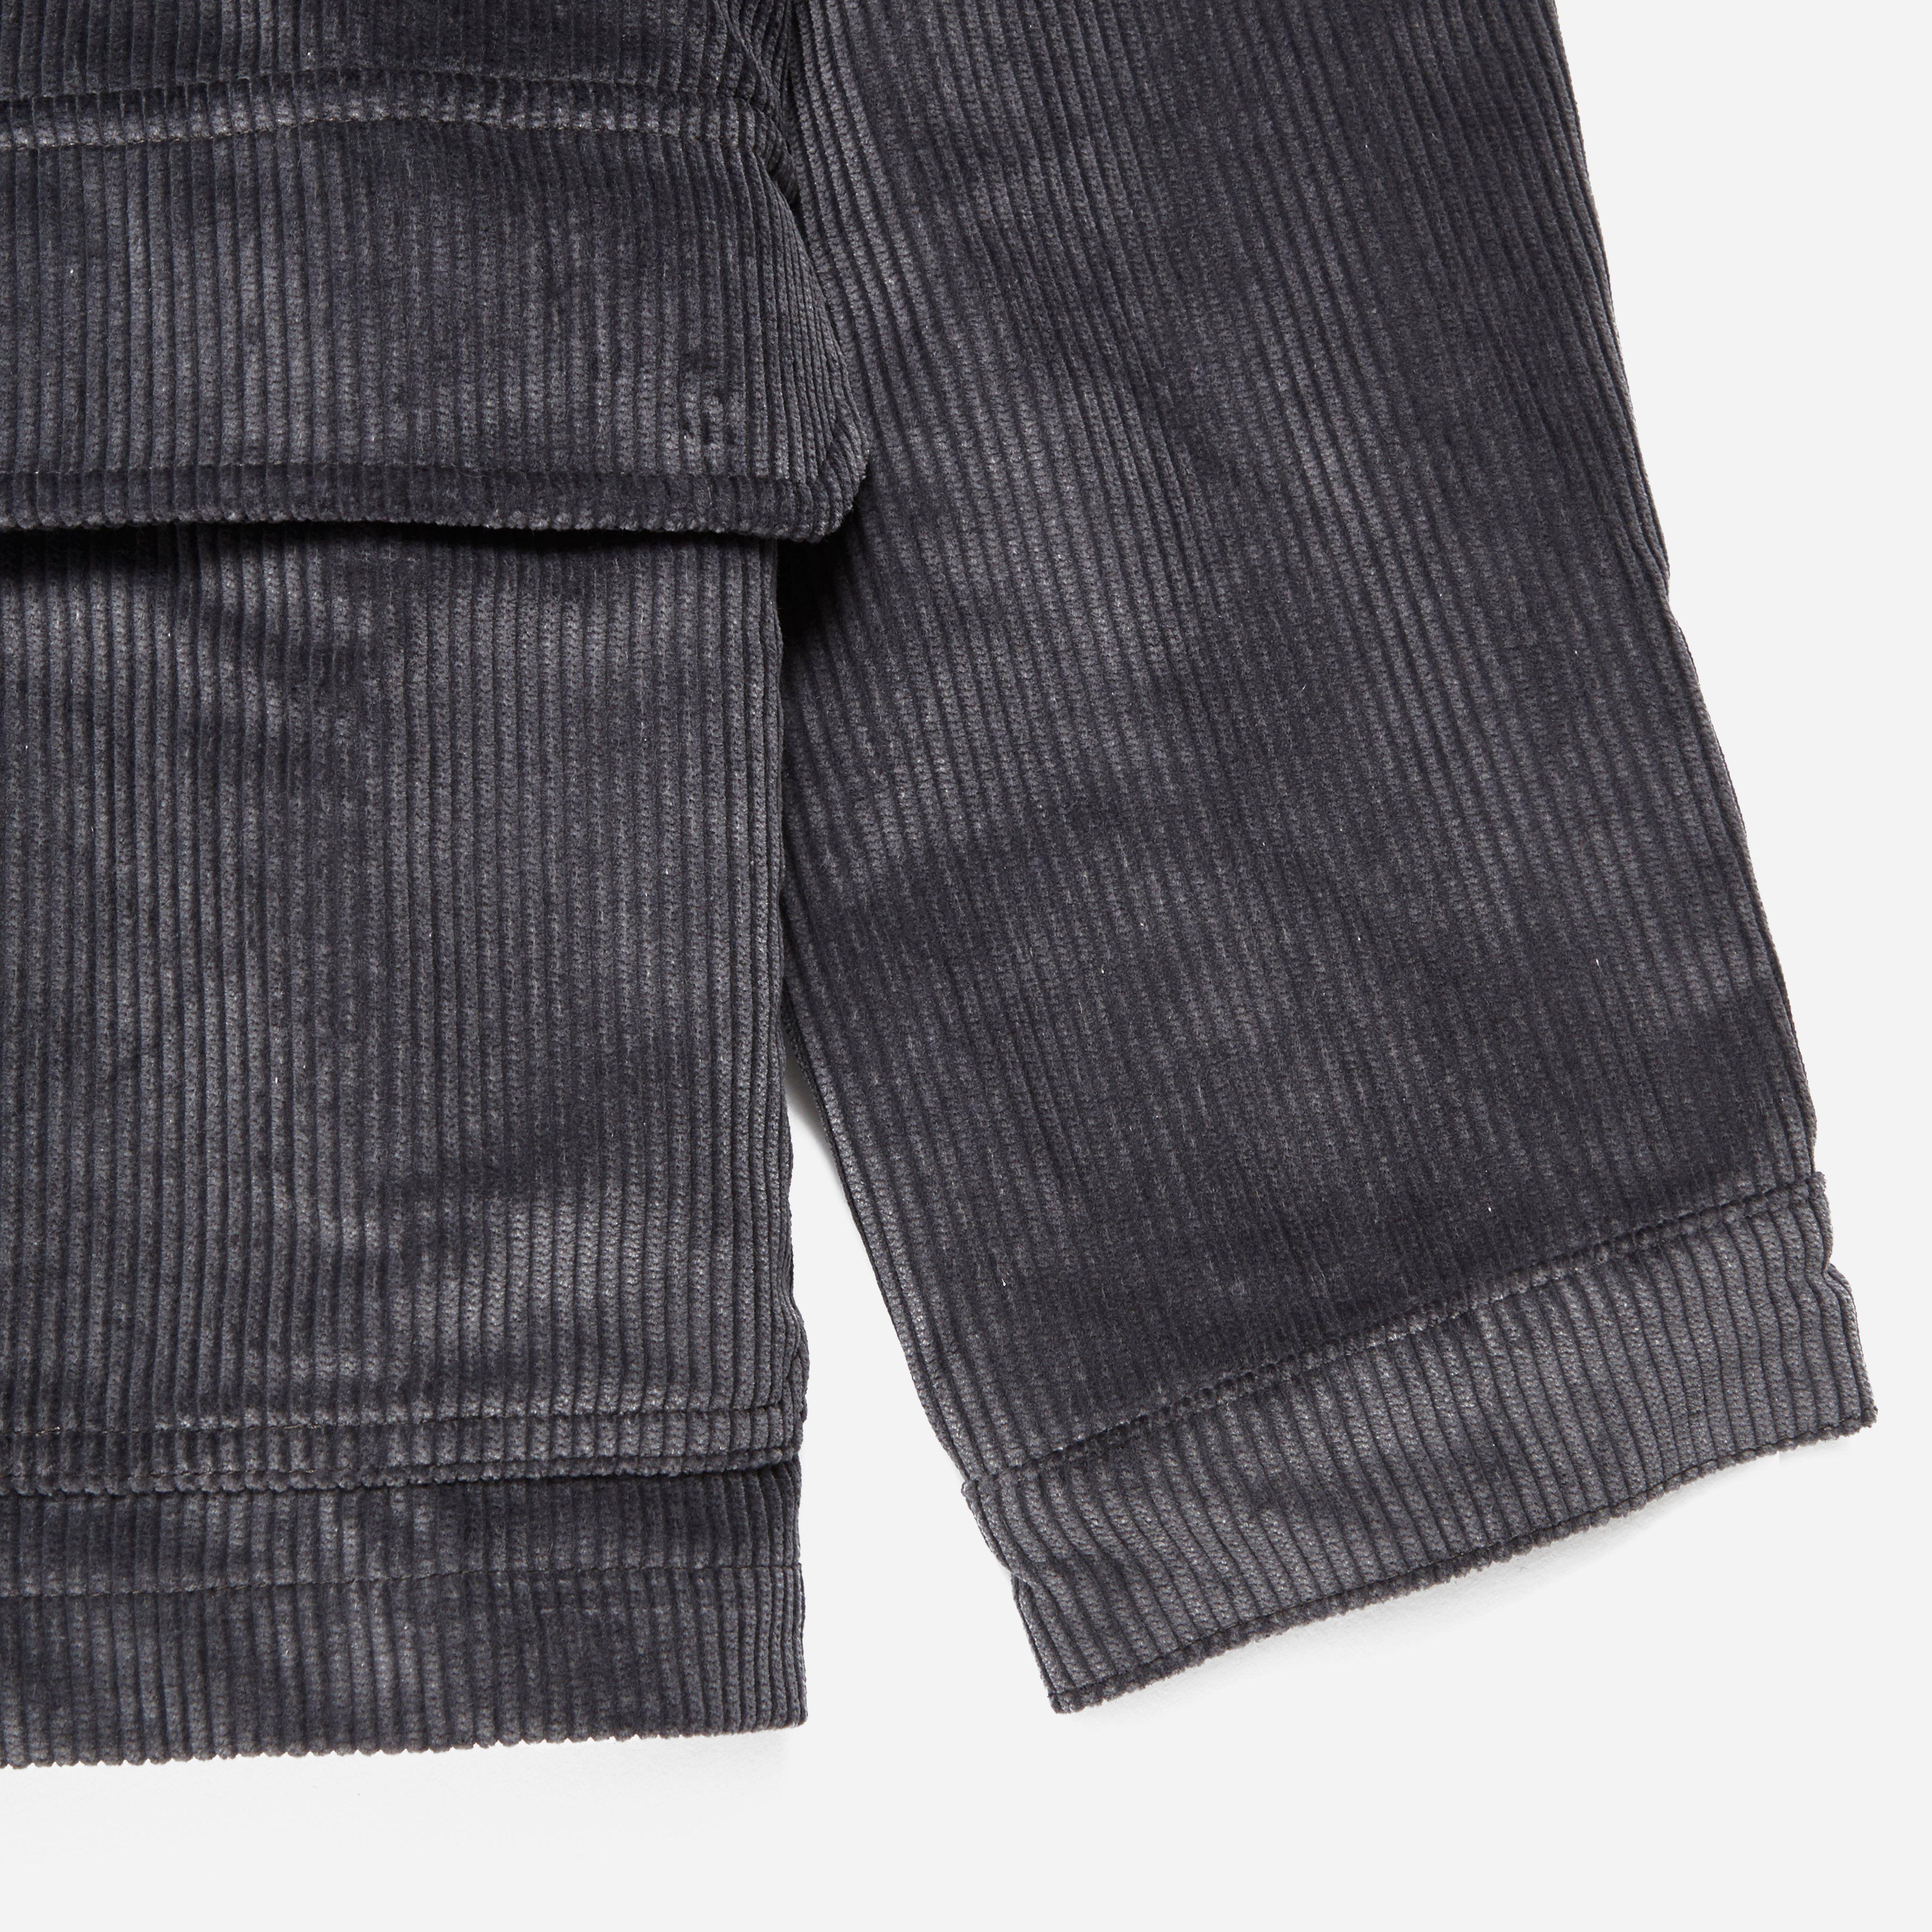 Arpenteur Cord Travail Jacket